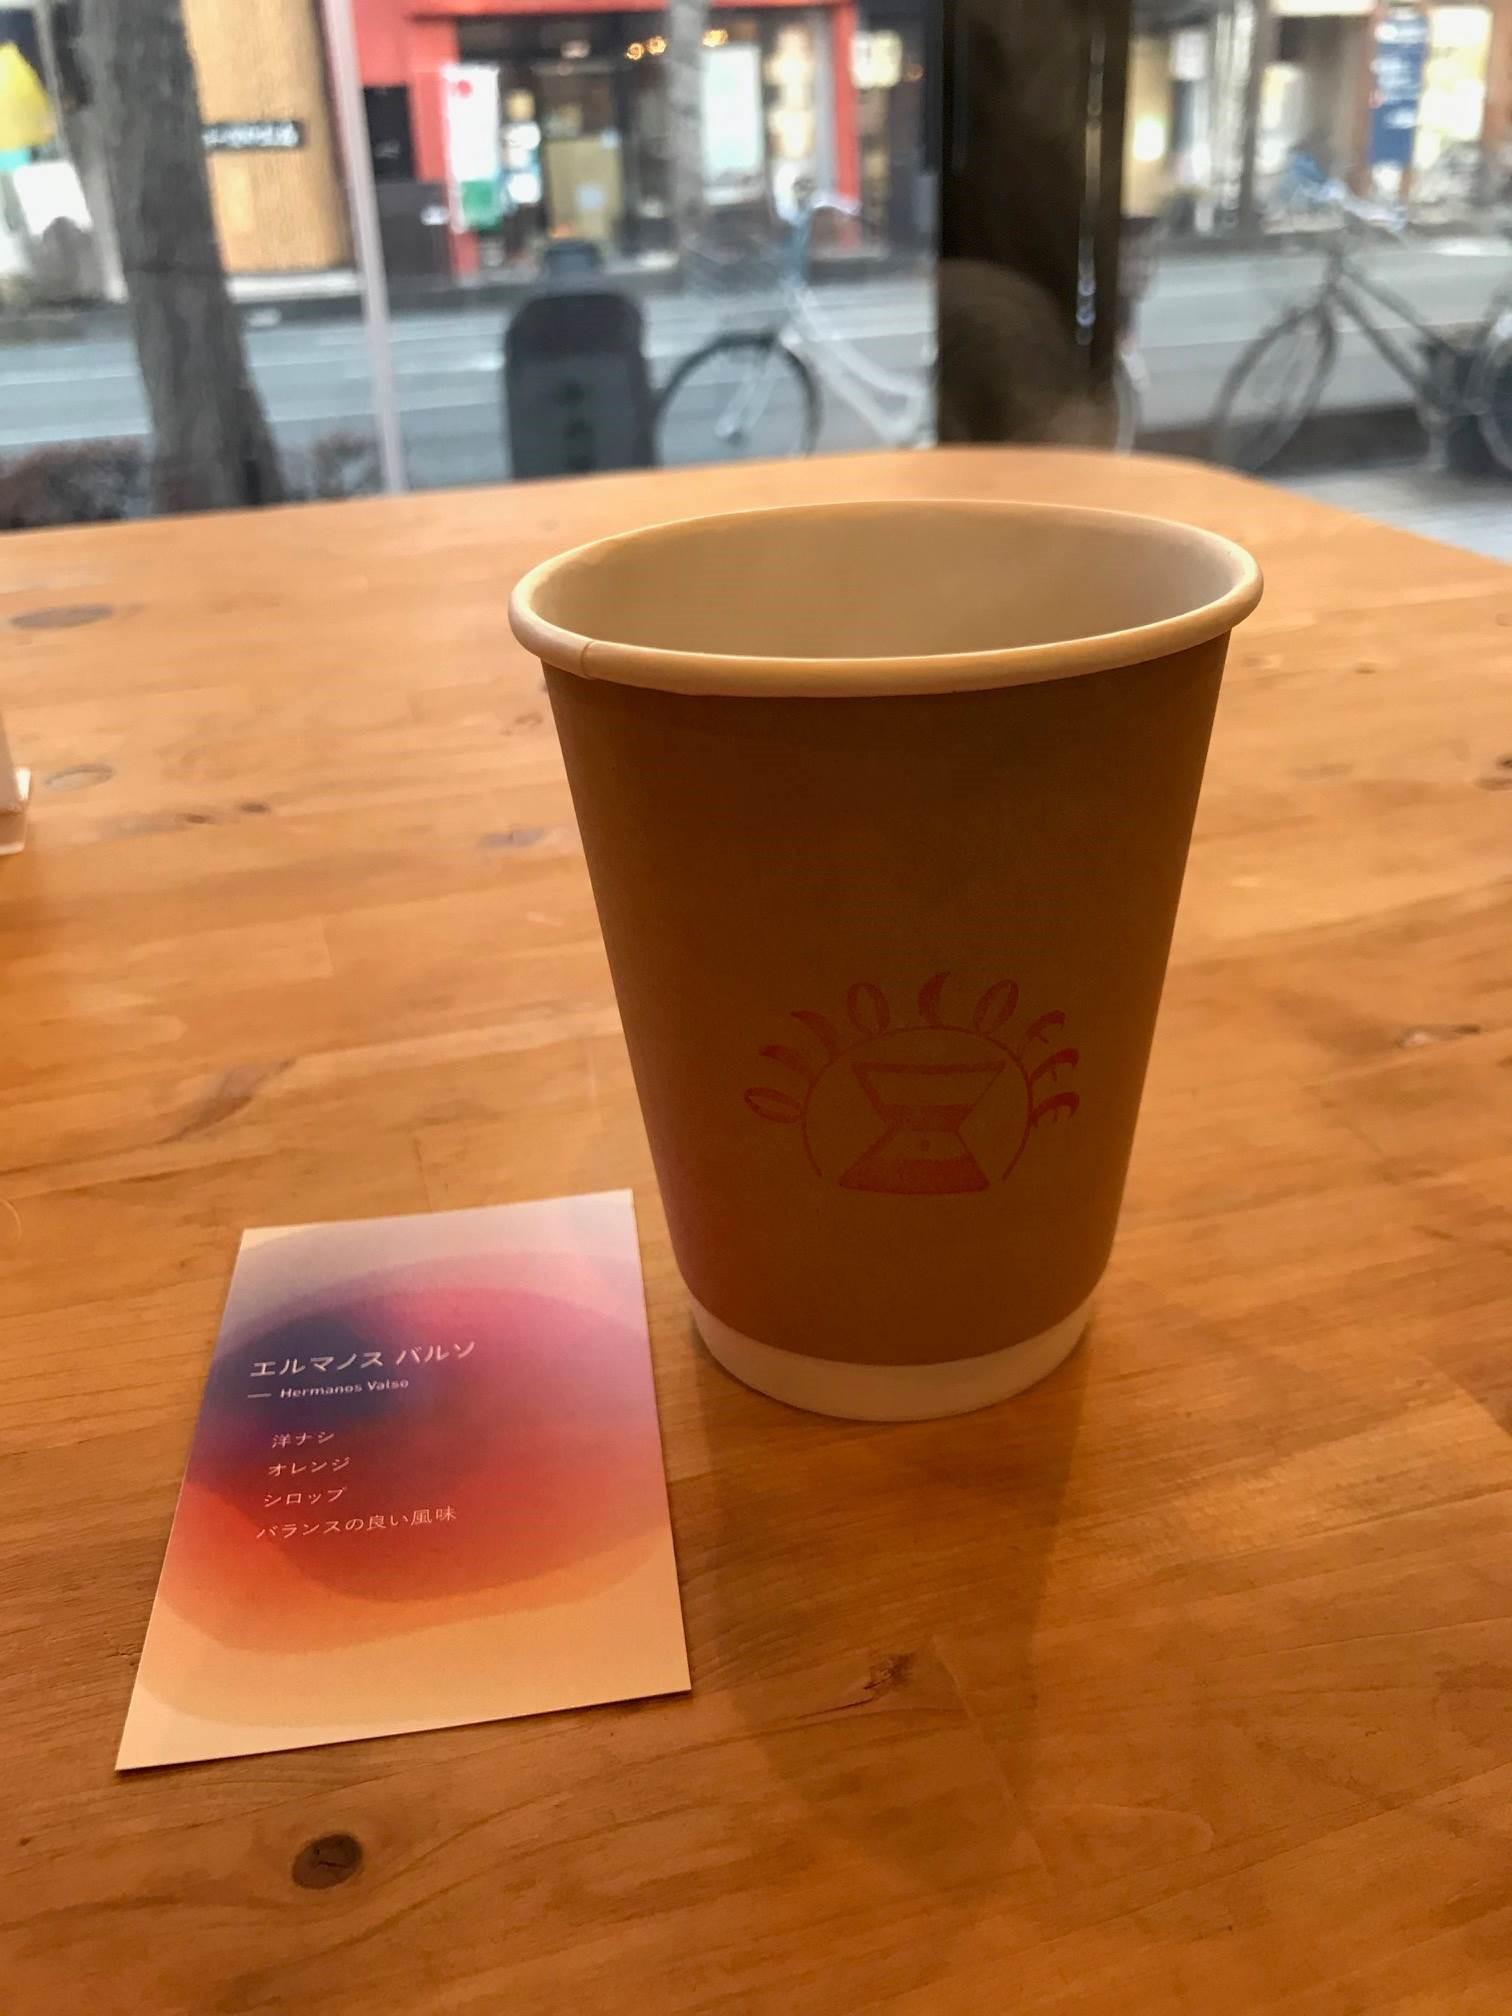 提供しているコーヒーの一例